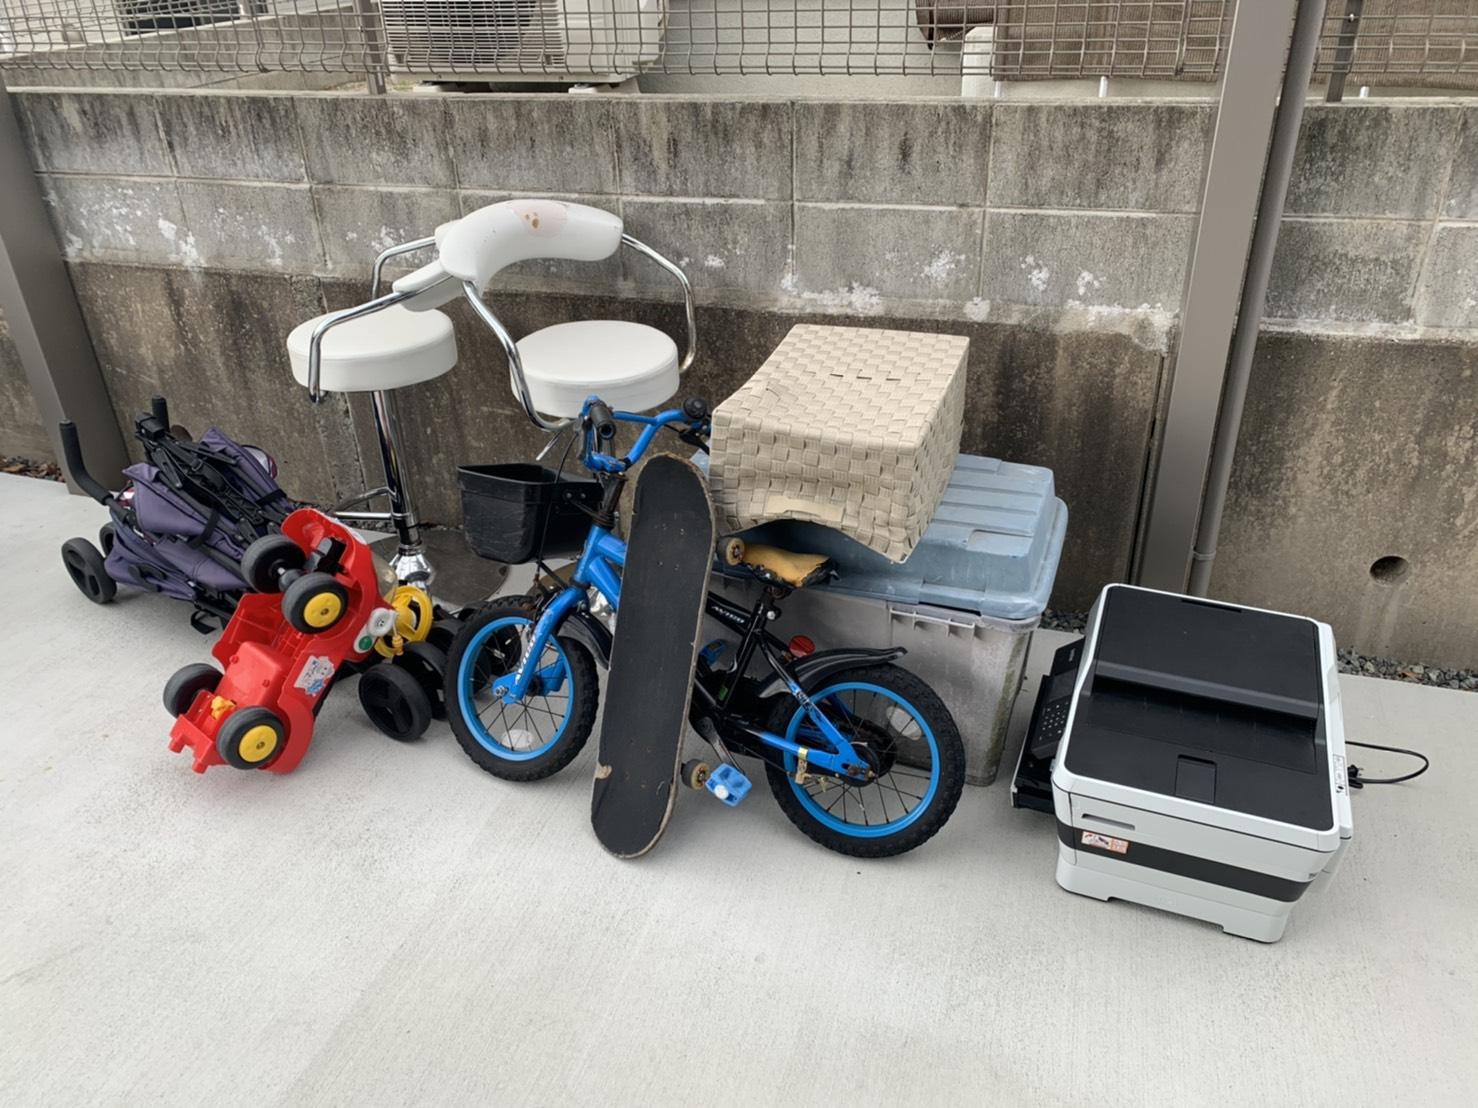 プリンター、小型自転車などの不用品の回収前